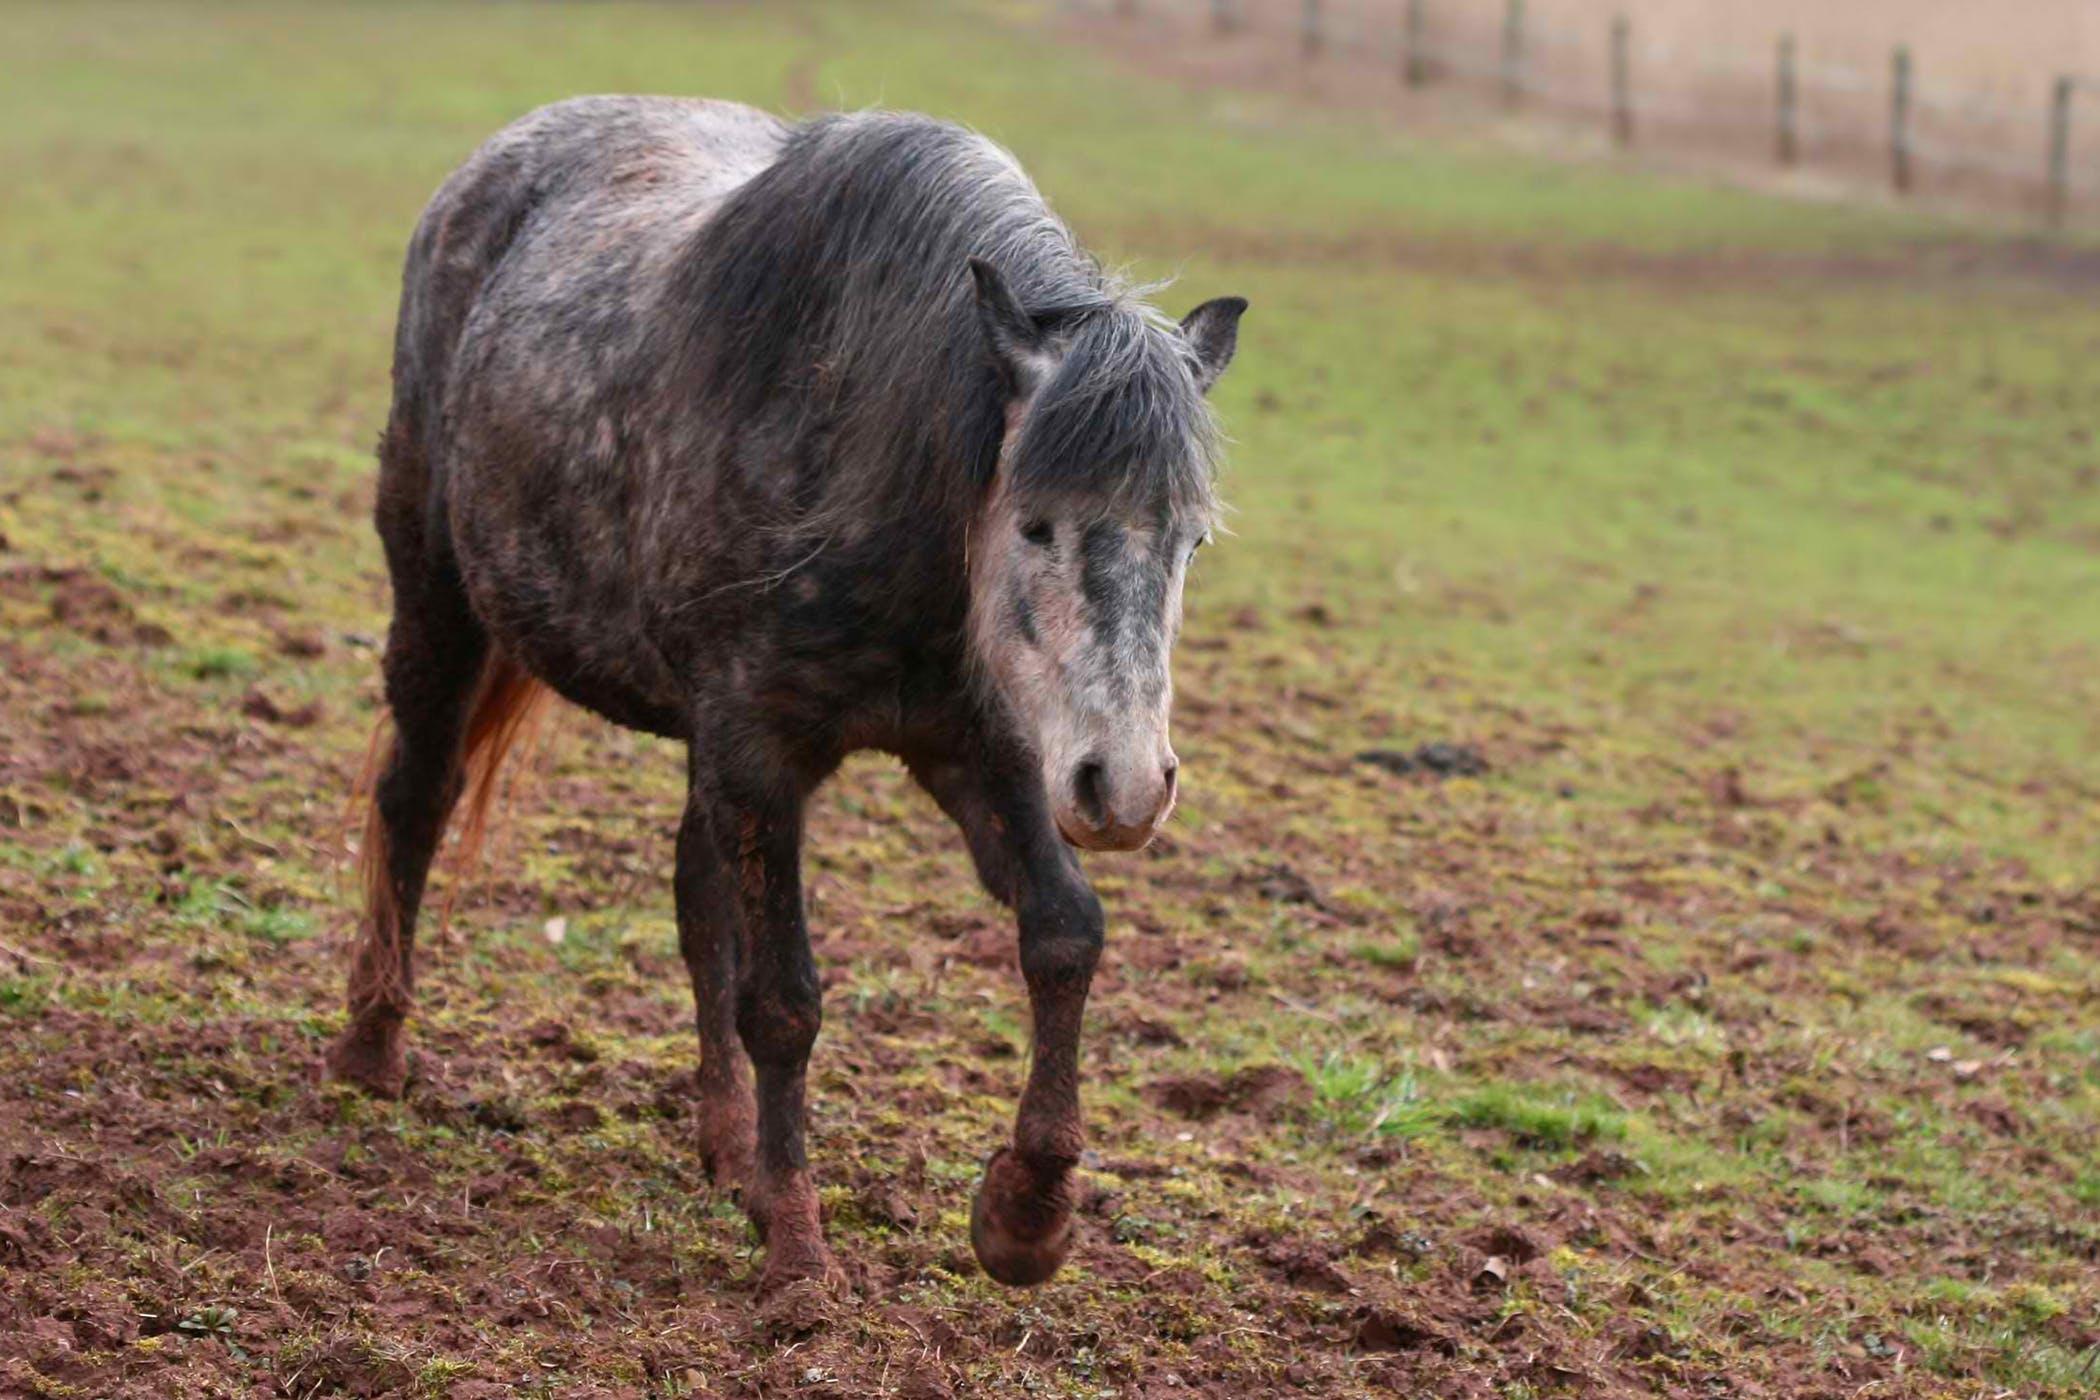 Equine Flu: Symptoms, Causes, Diagnosis